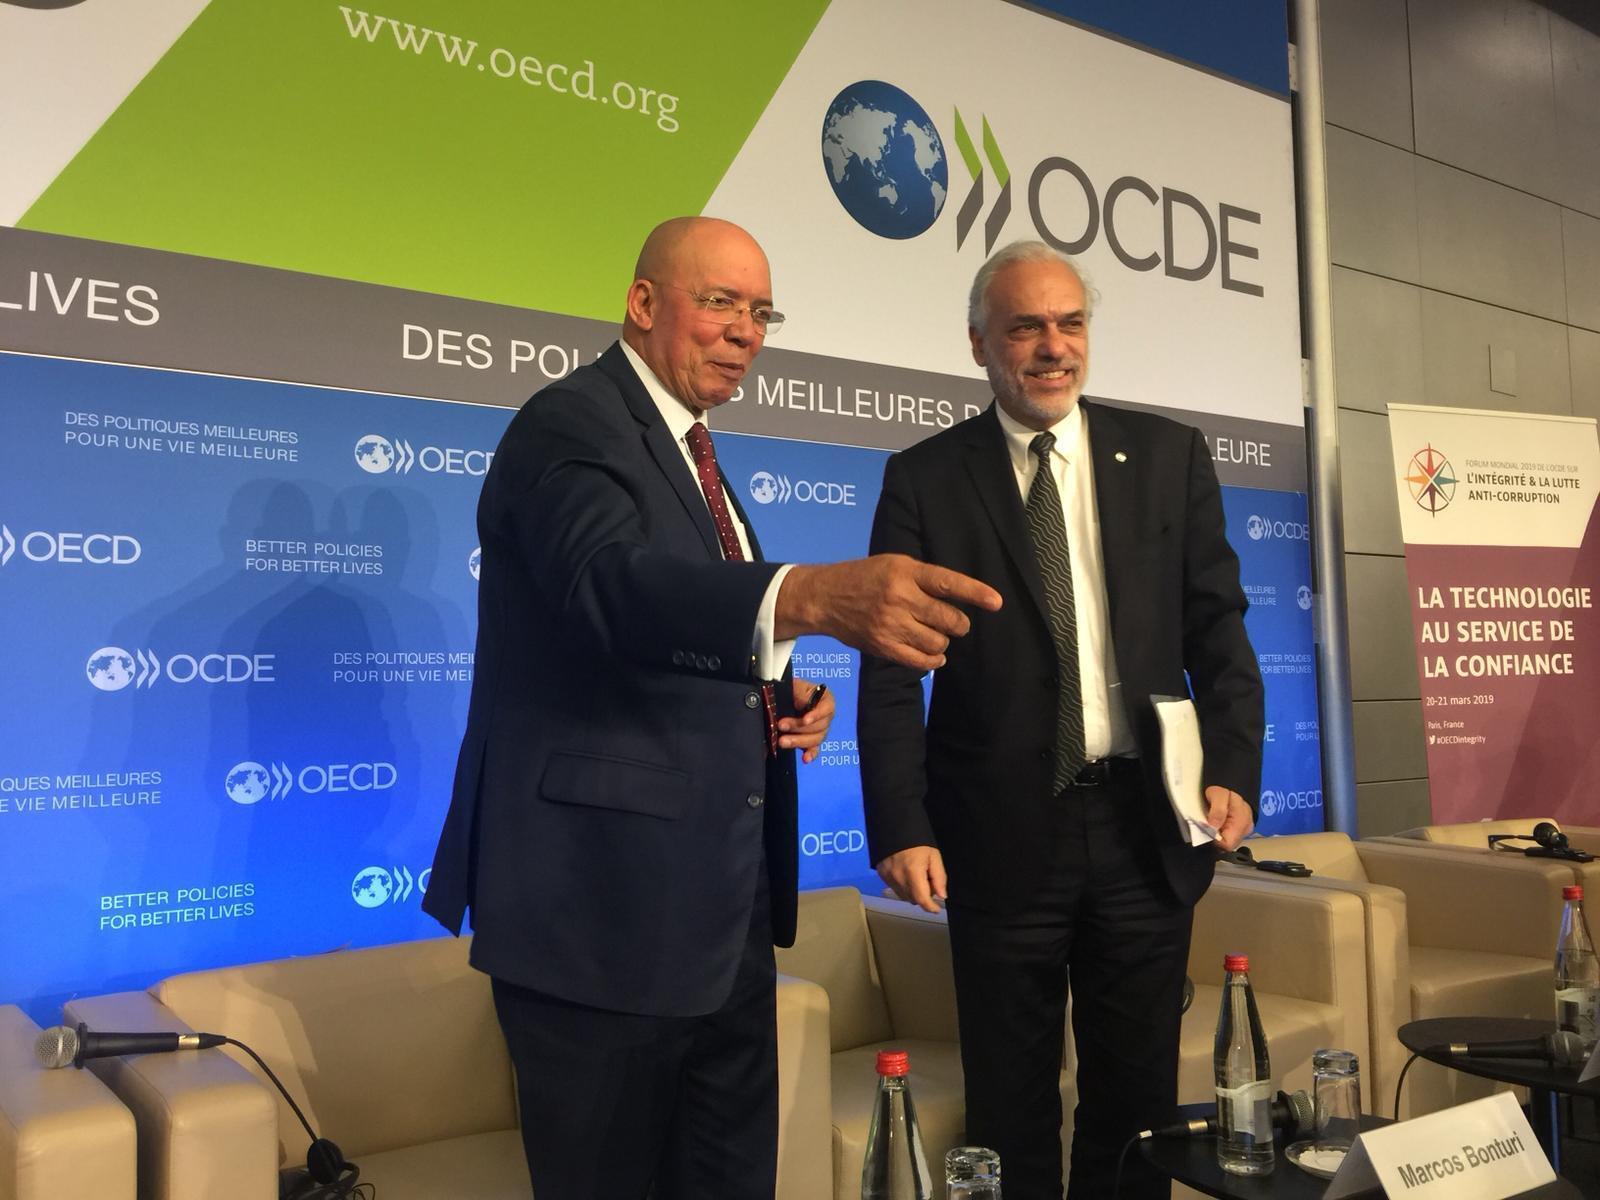 Francisco Queiroz, ministro angolano da Justiça e Direitos Humanos, e Marcos Bonturi, director de Governança Pública da OCDE. Sede da OCDE, Paris, 20 de Março de 2019.